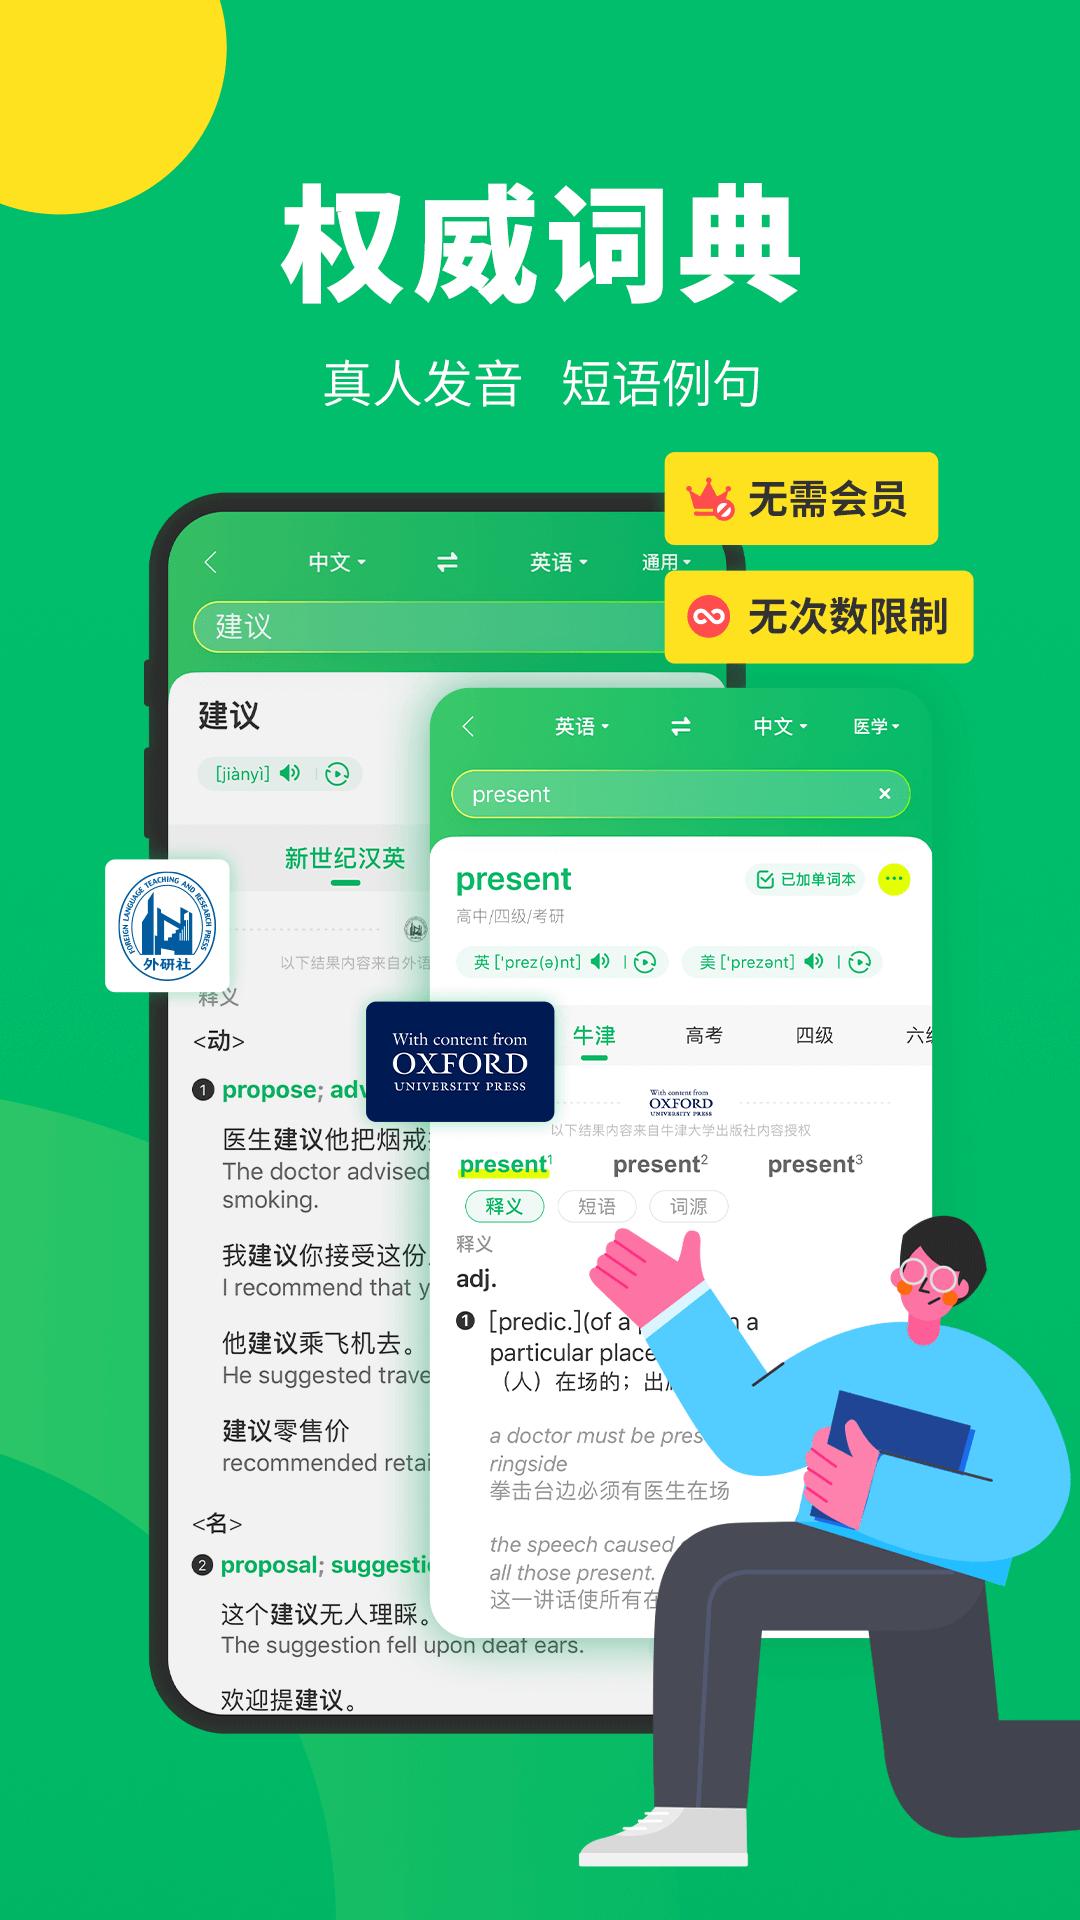 翻译 搜狗